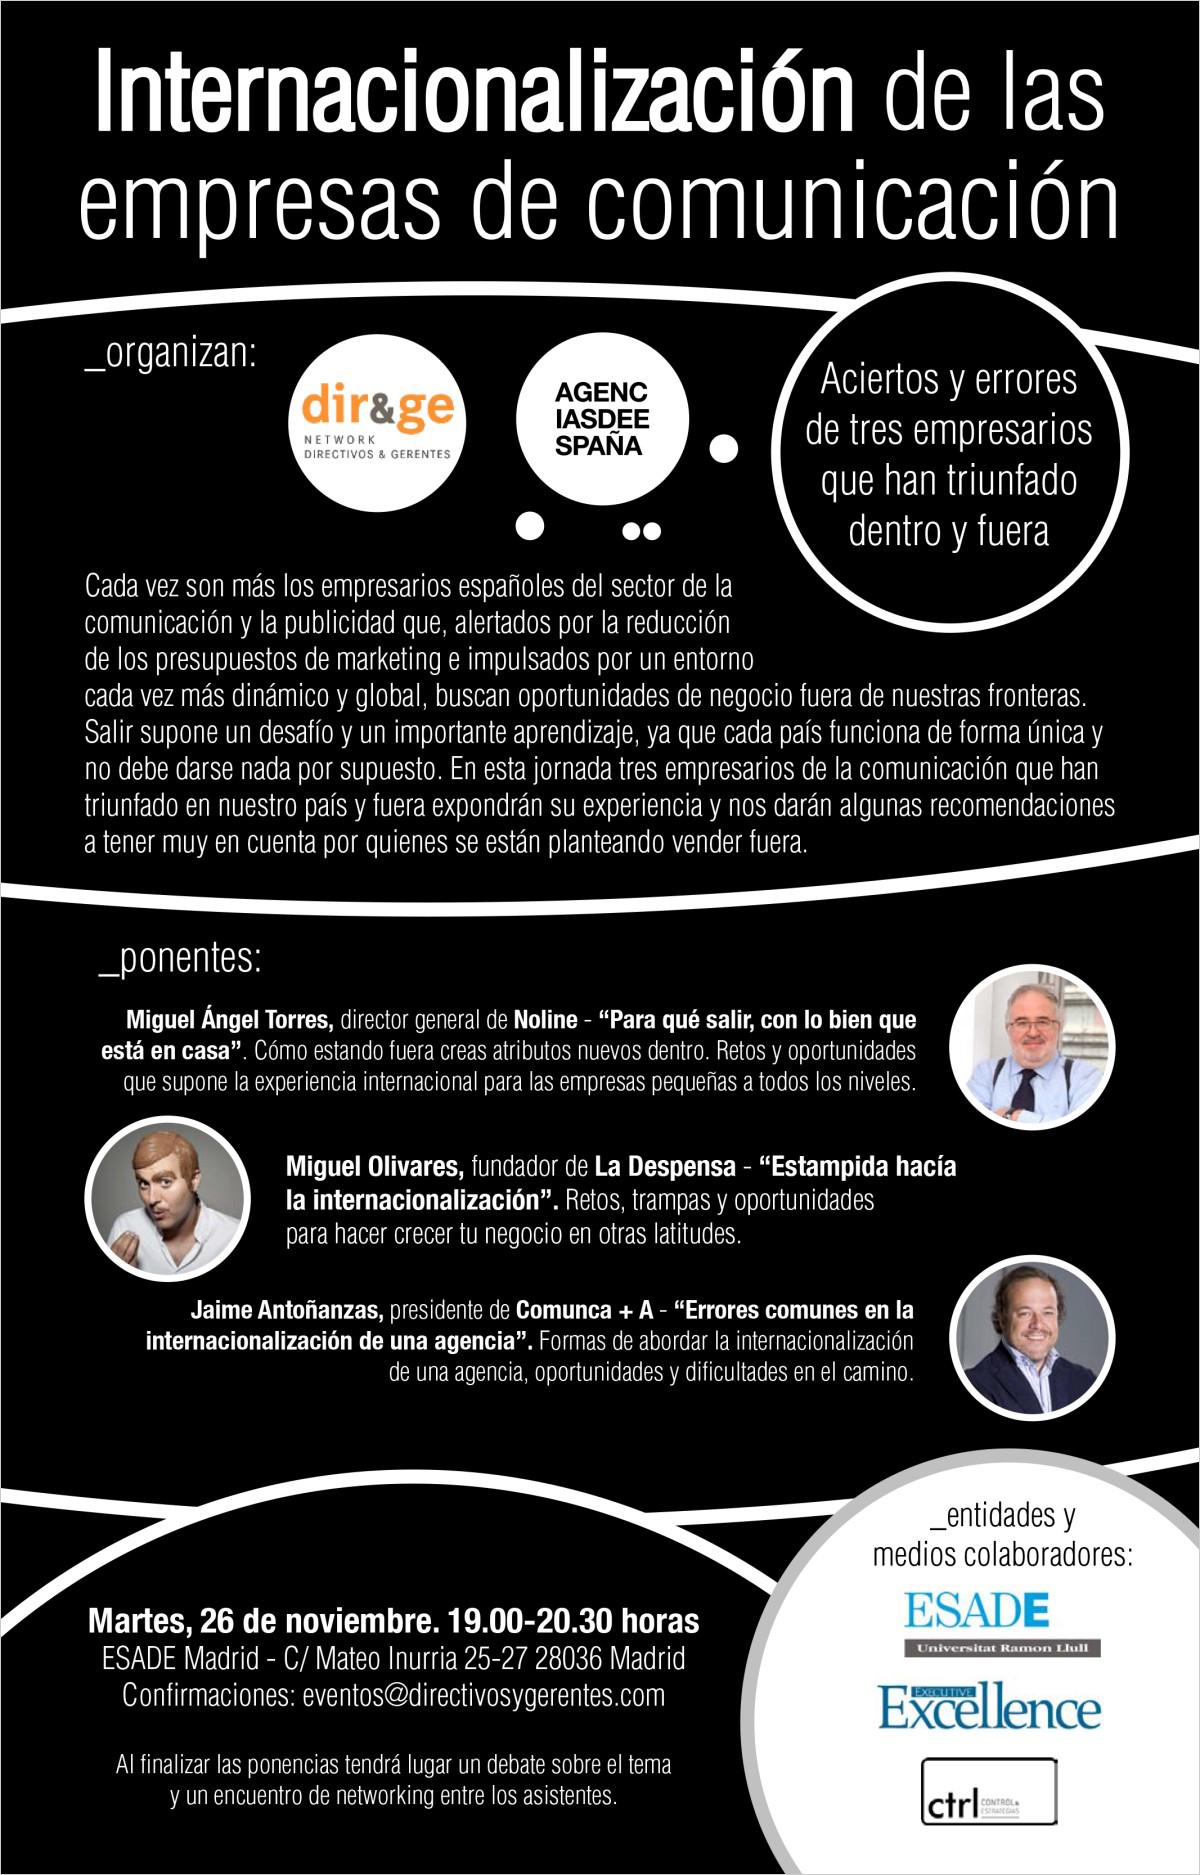 Cartel Internacionalización de las empresas de comunicación